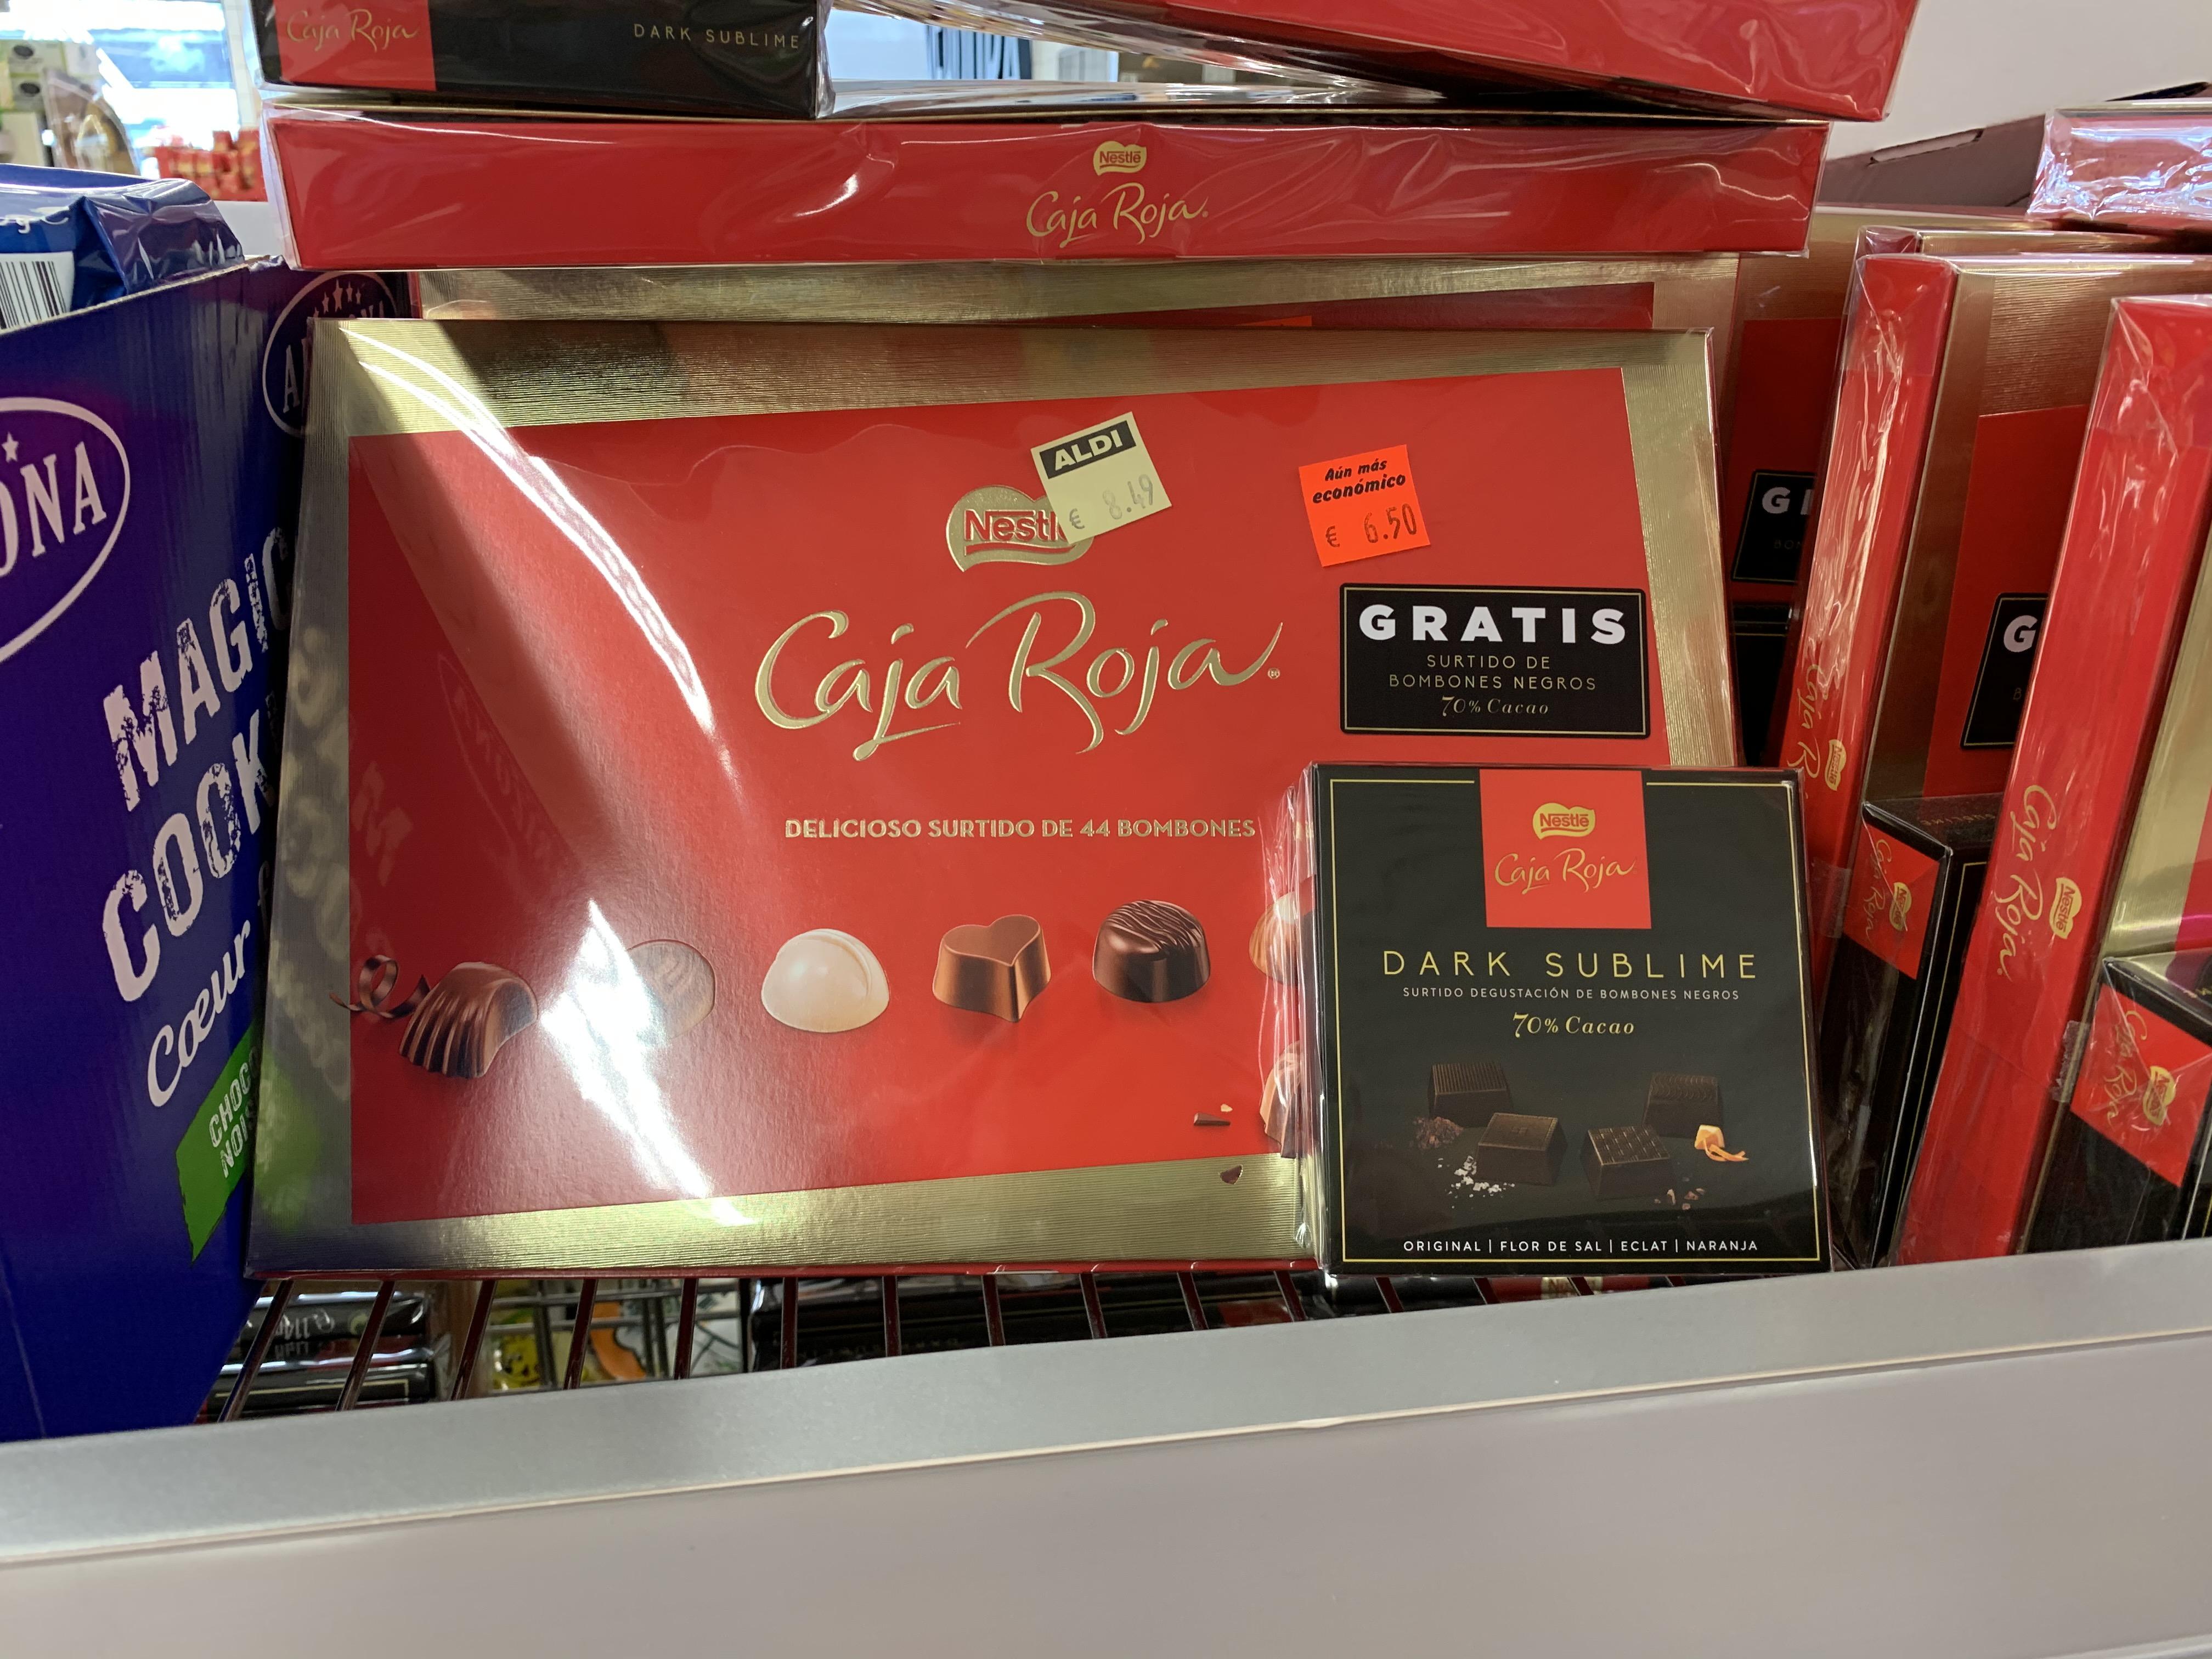 Nestlé caja roja 400g (44 uds) + surtido Degustación Dark sublime 70% cacao